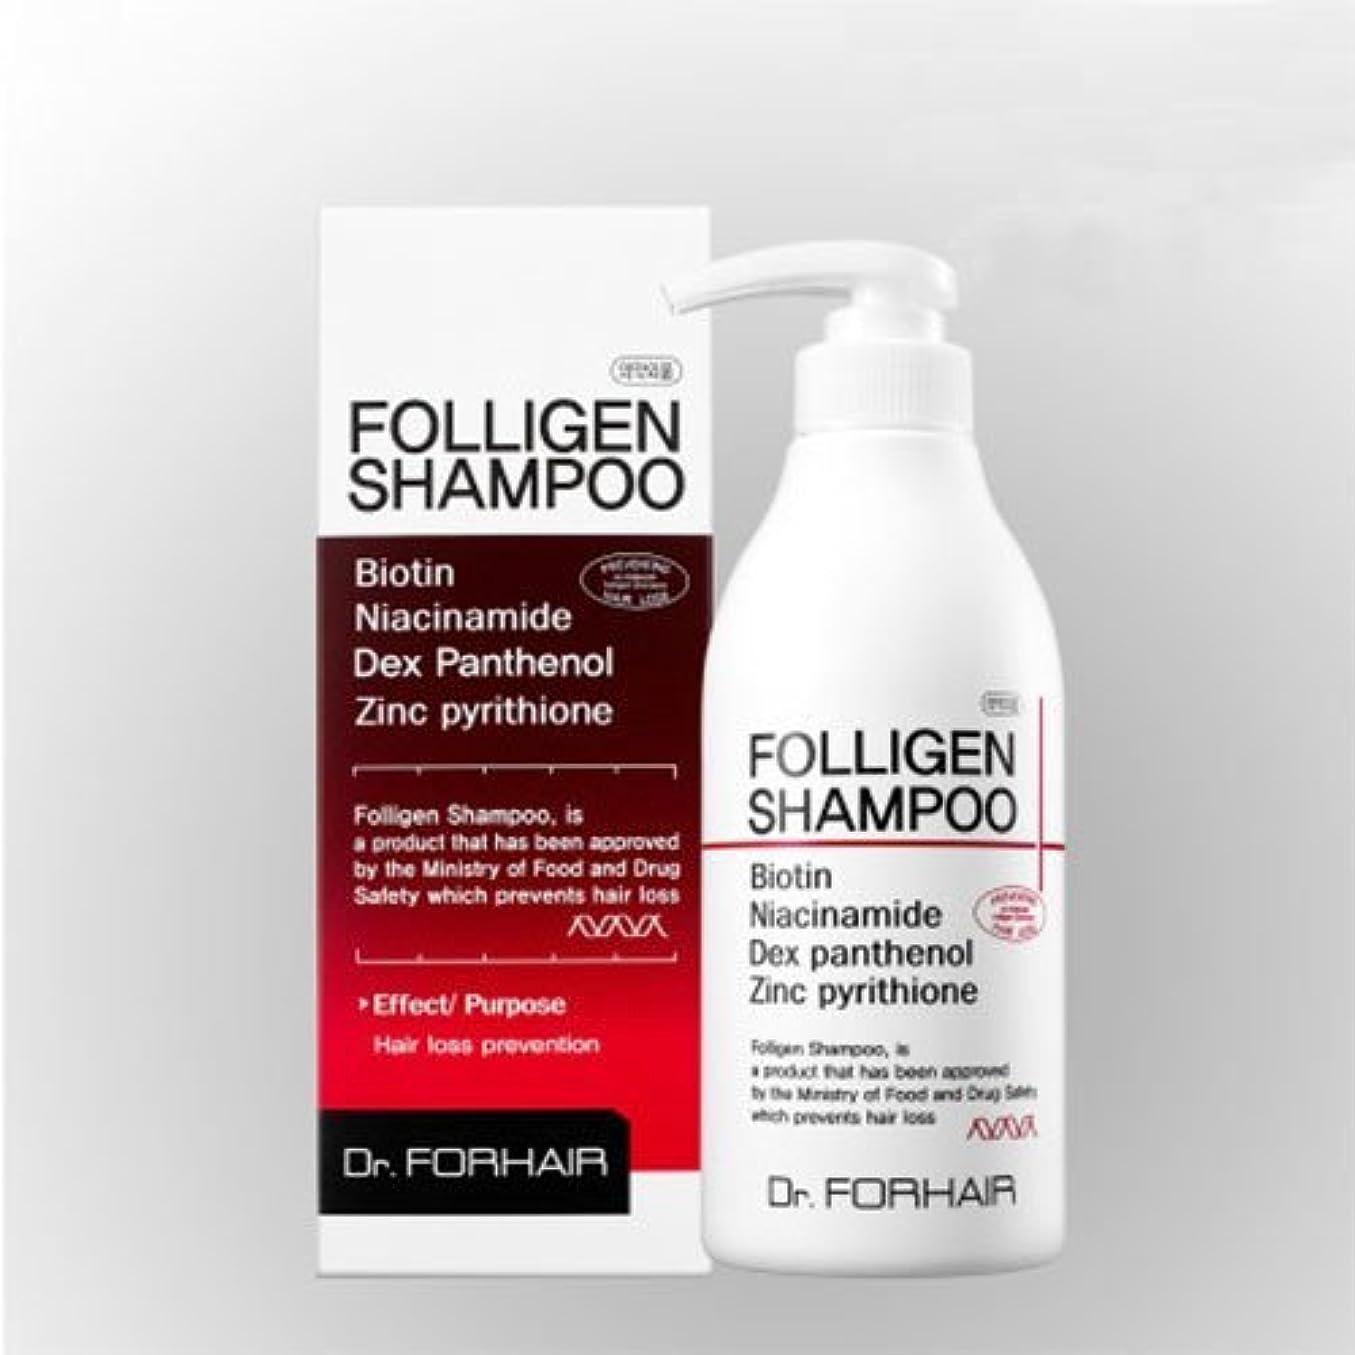 ダクト?フォーヘア ポルリジェン シャンプー500ml 脱毛防止シャンプー[並行輸入品] / Dr. Forhair Folligen Shampoo 500ml (16.9 fl.oz.) for Hair Loss...